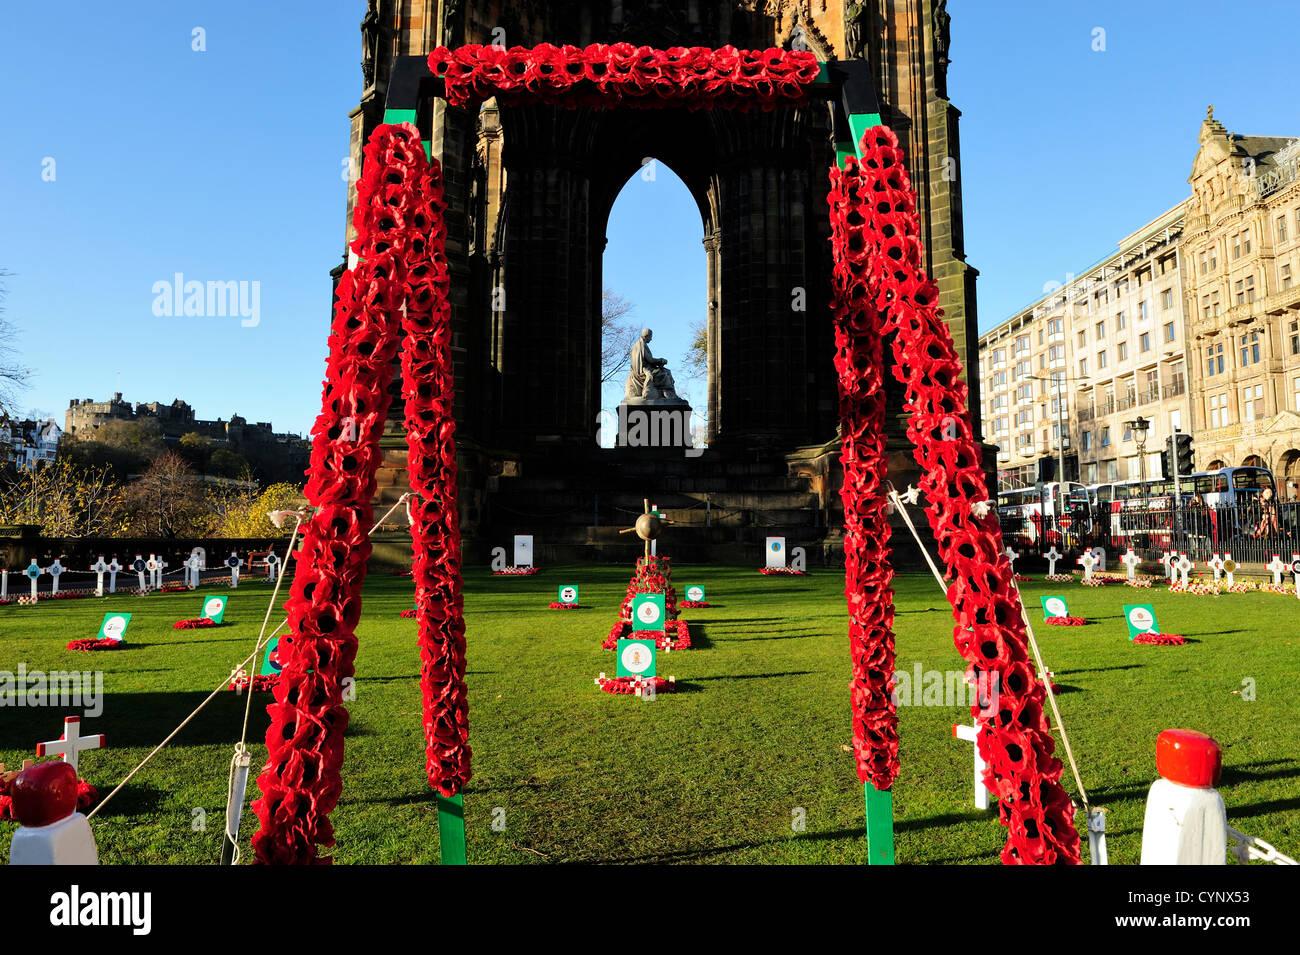 8 Nov 2012, Edimburgo, Scozia - il Giardino della Rimembranza accanto al Monumento di Scott in Princes Street Gardens Immagini Stock